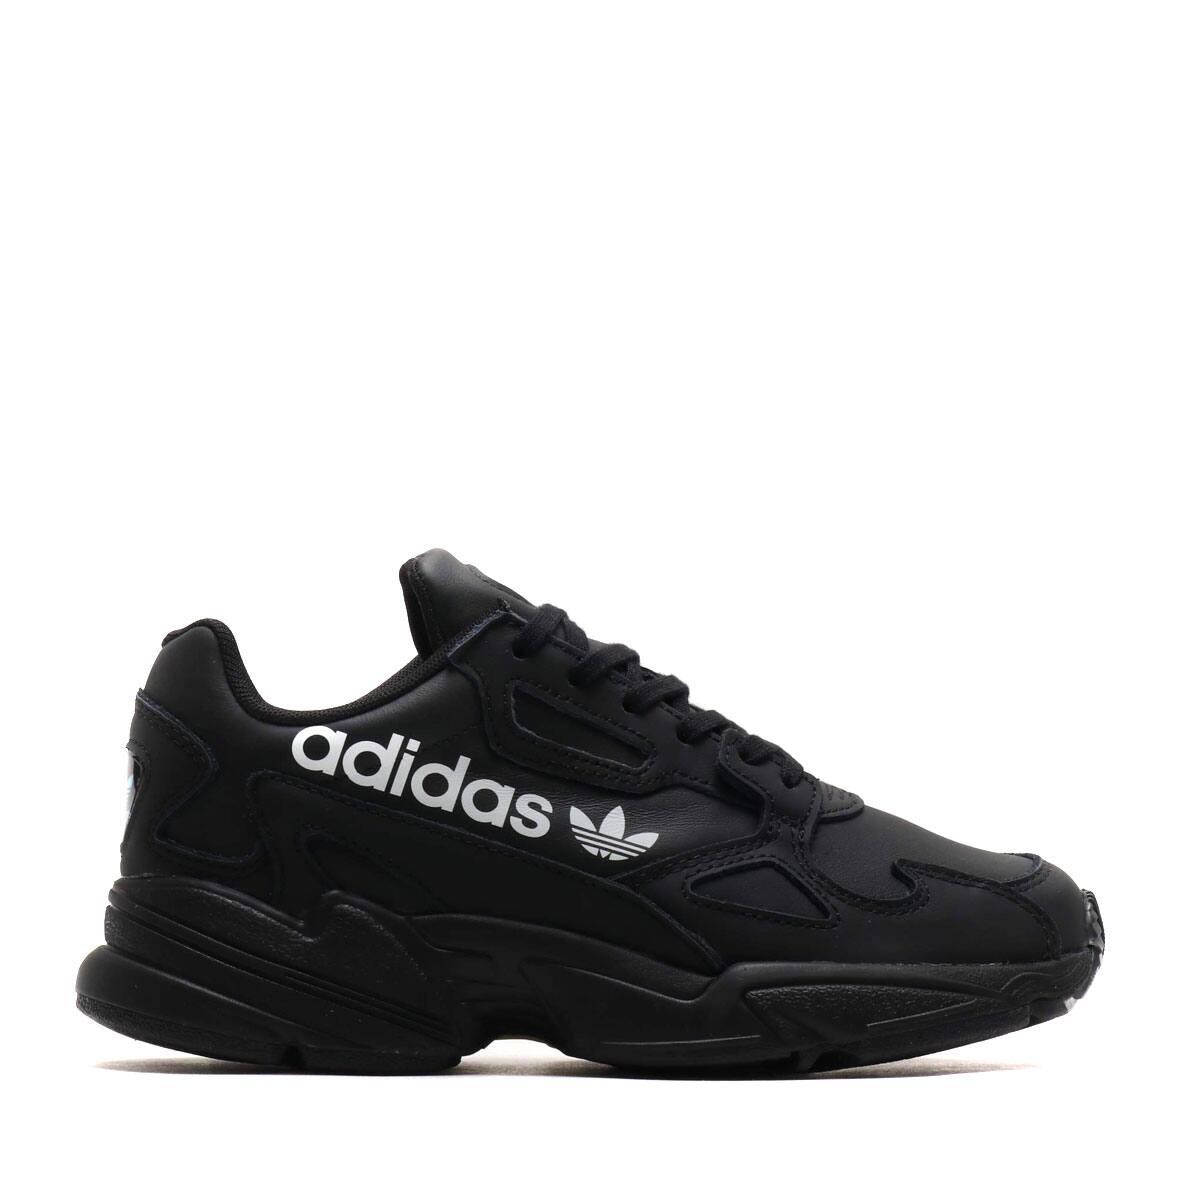 """""""adidas ADIDASFALCON W コアブラック/コアブラック/ブライトシアン 19SS-S""""_photo_2"""